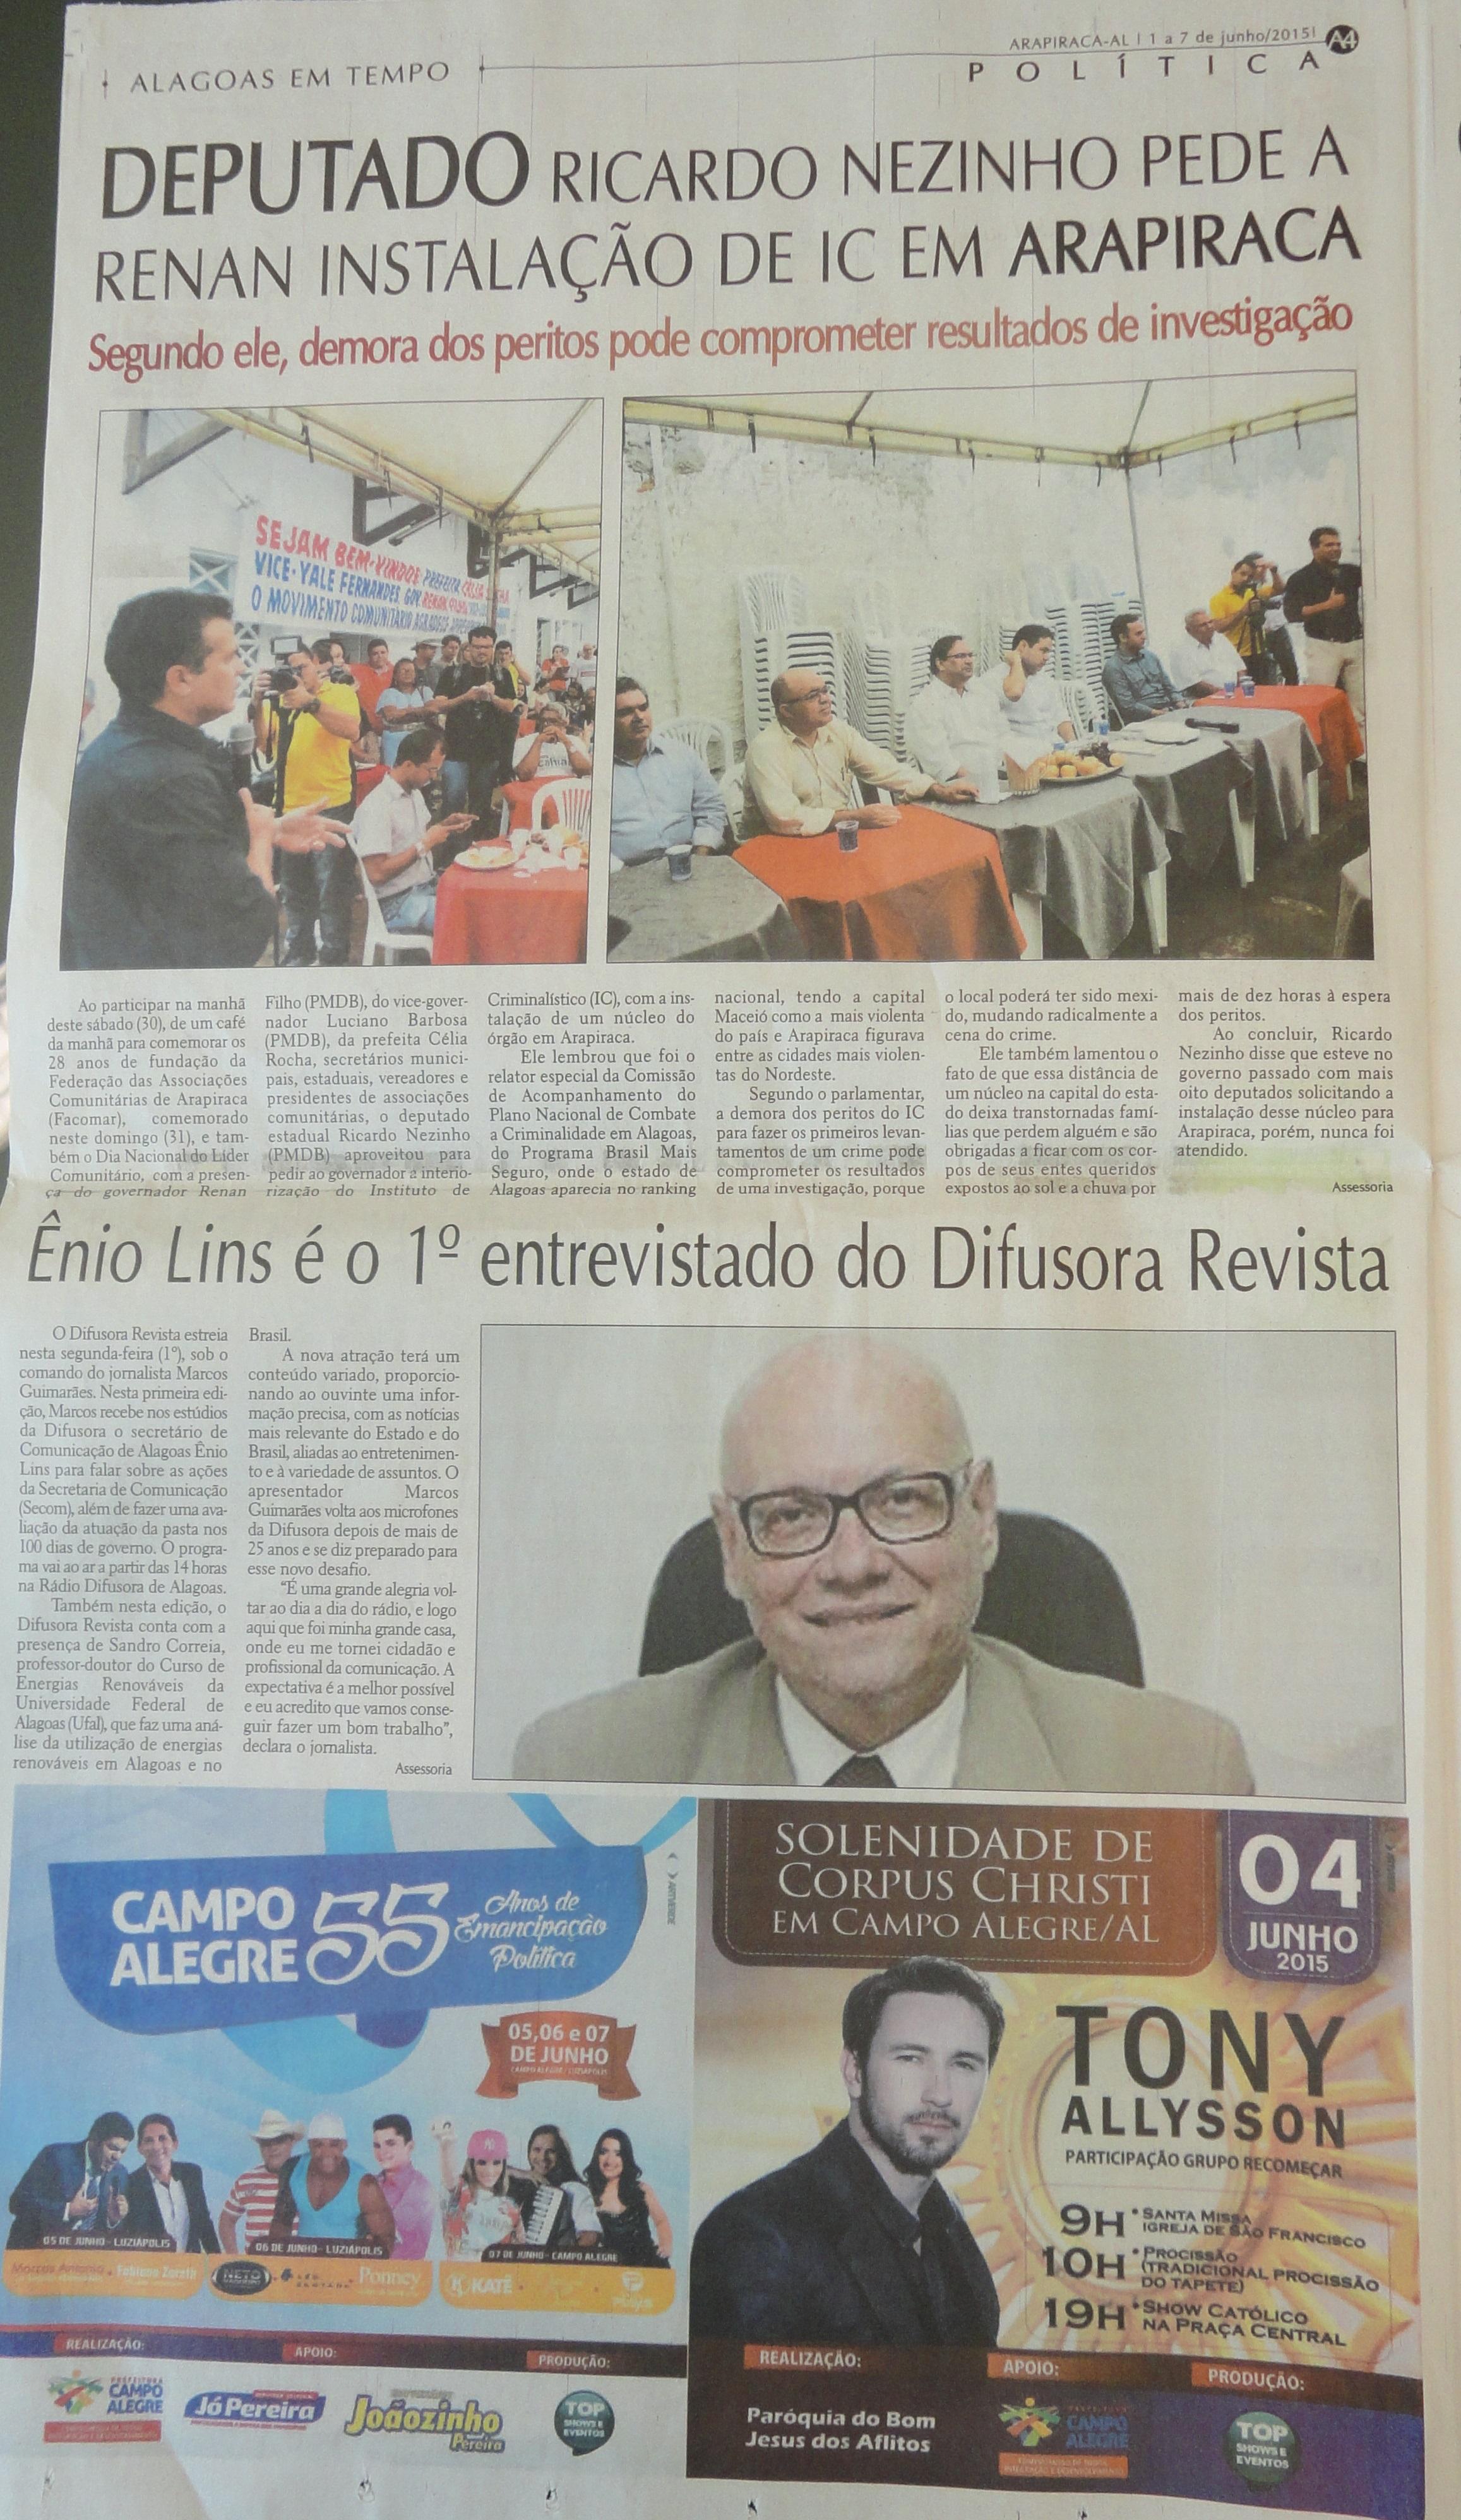 Jornal Alagoas em Tempo-07-06-15